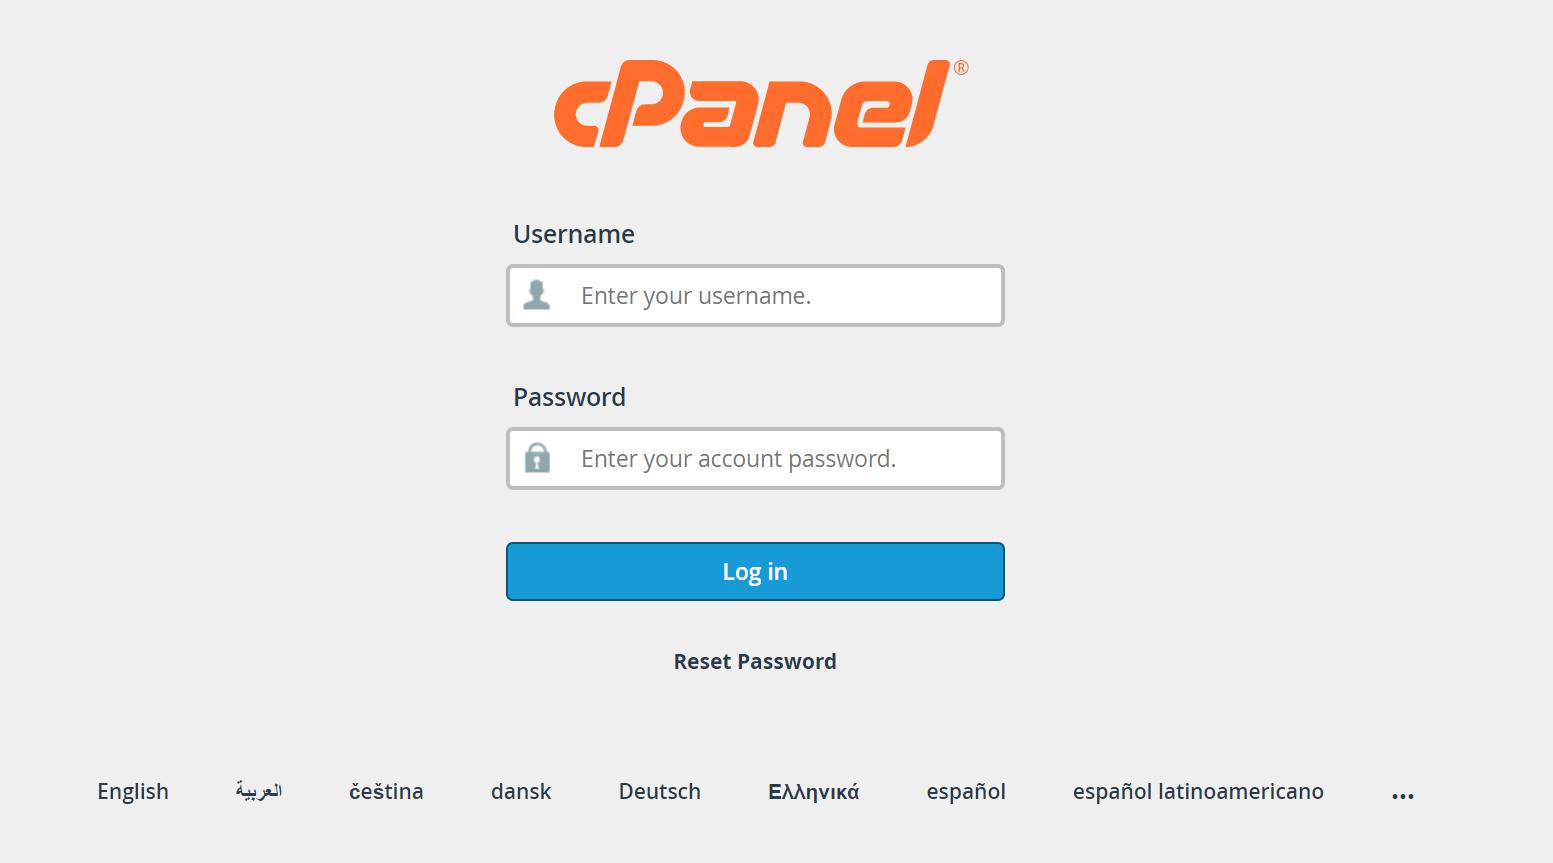 Accedere a cPanel